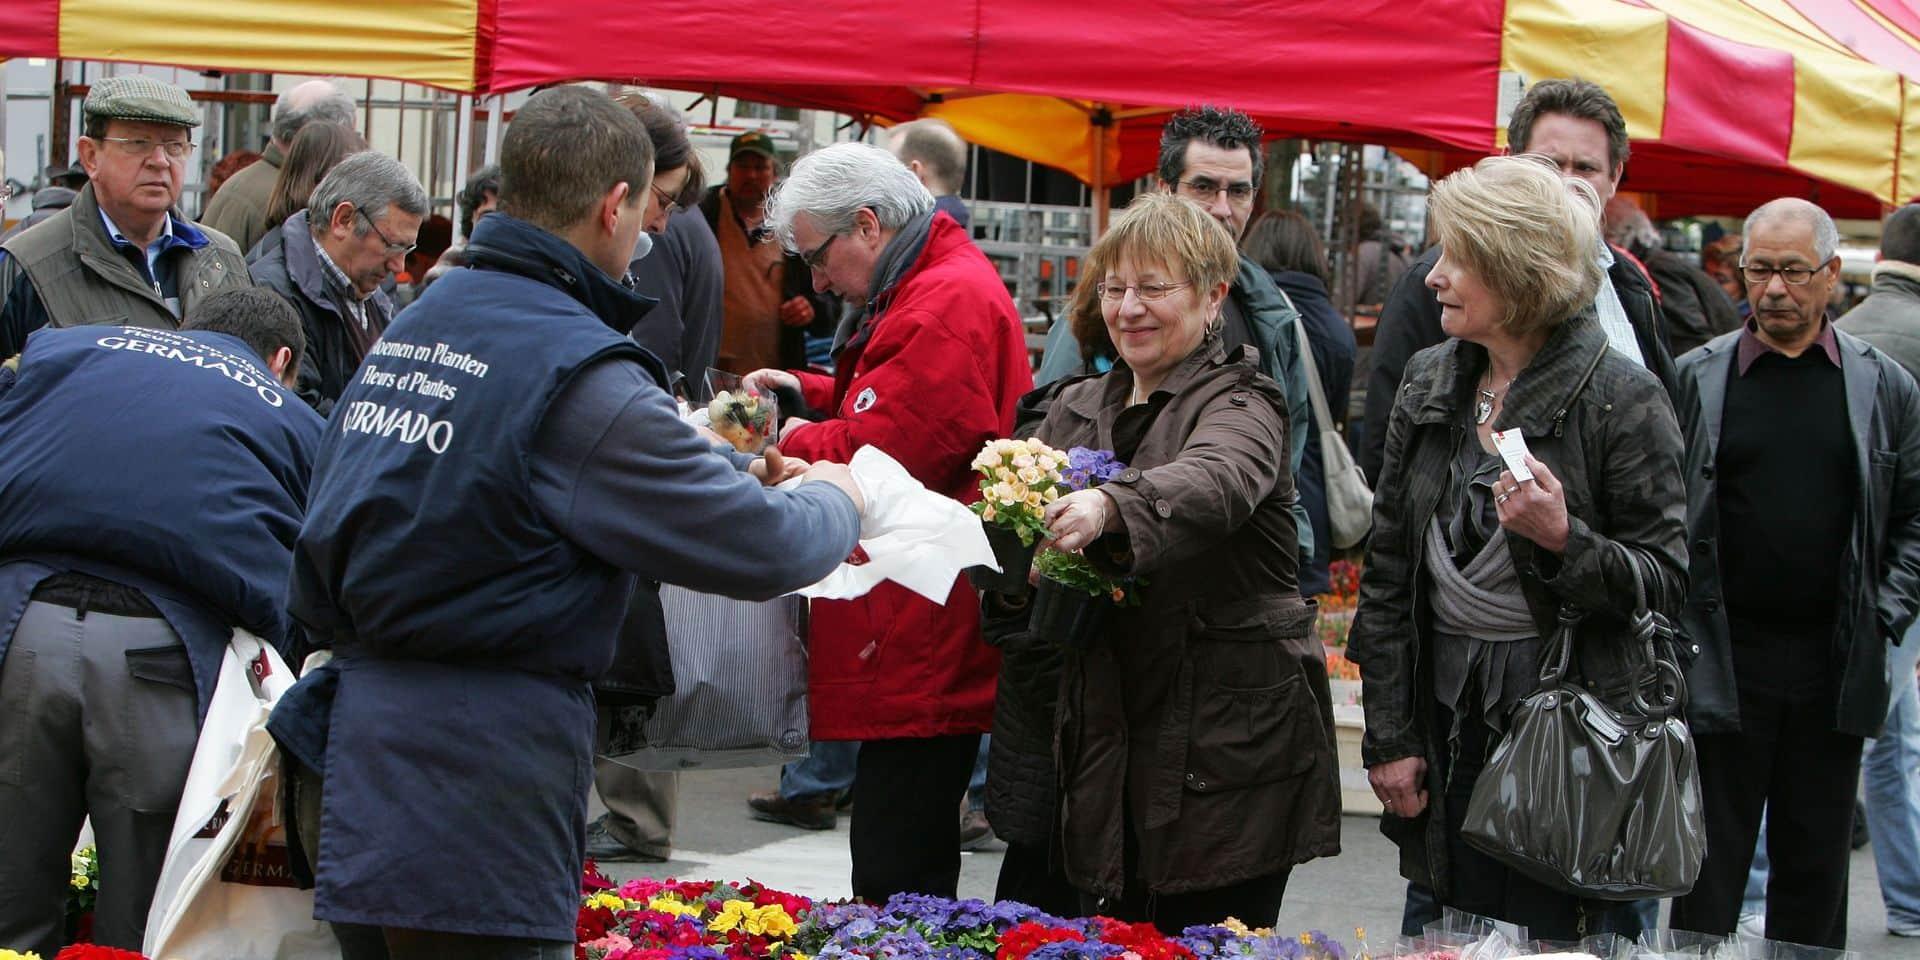 La Ville de Mons réorganise ses marchés du vendredi